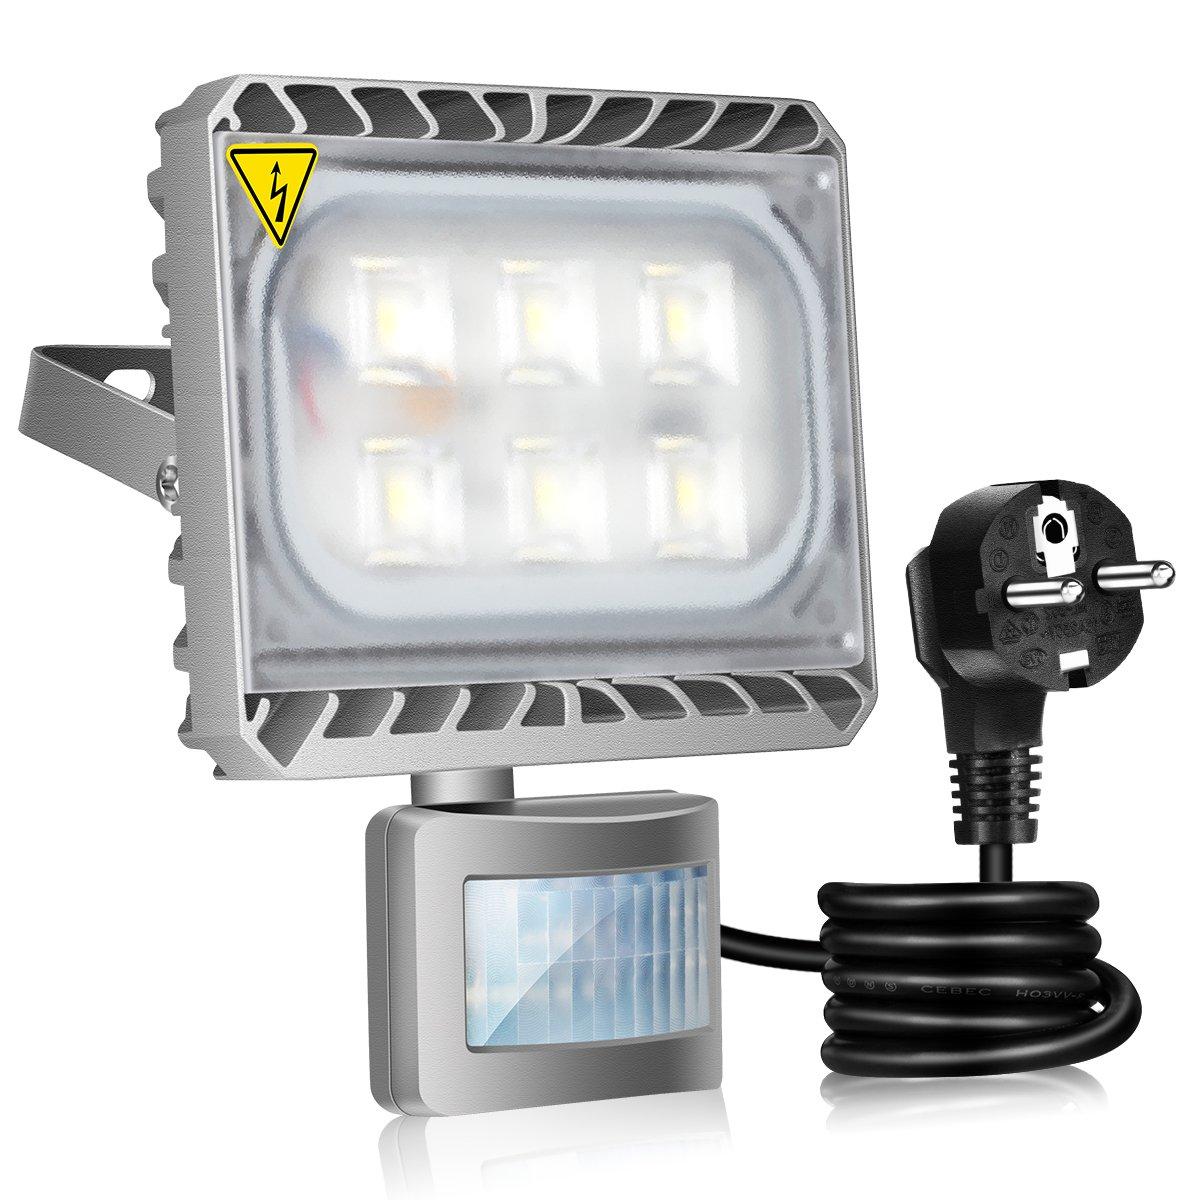 GOSUN/® 30W Blanco Fr/ío LED Foco Proyector Luz Foco proyector con iluminaci/ón LED y PIR sensor de movimiento,36 meses garant/ía